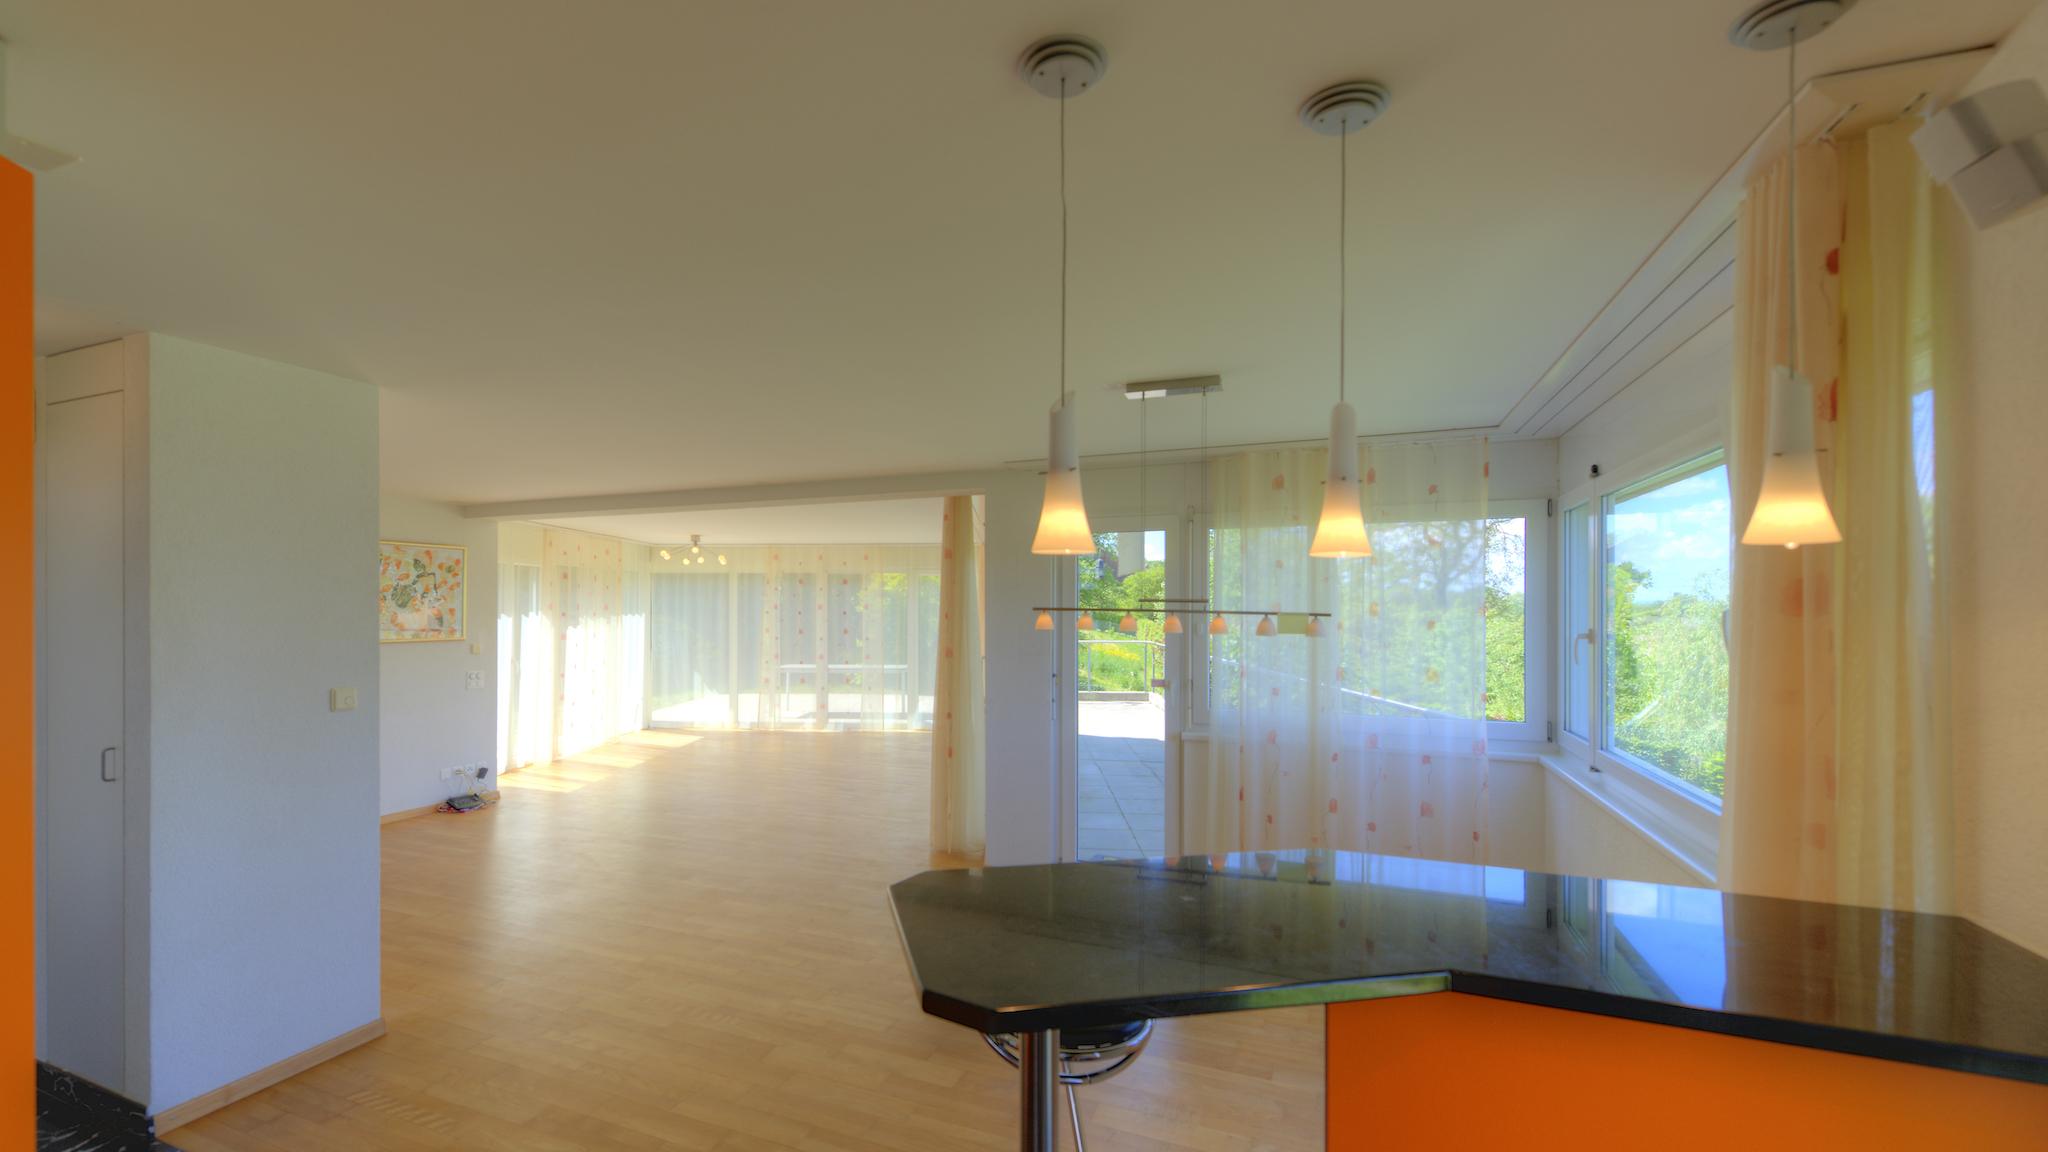 Blick von der Küche Richtung Ess- und Wohnzimmer